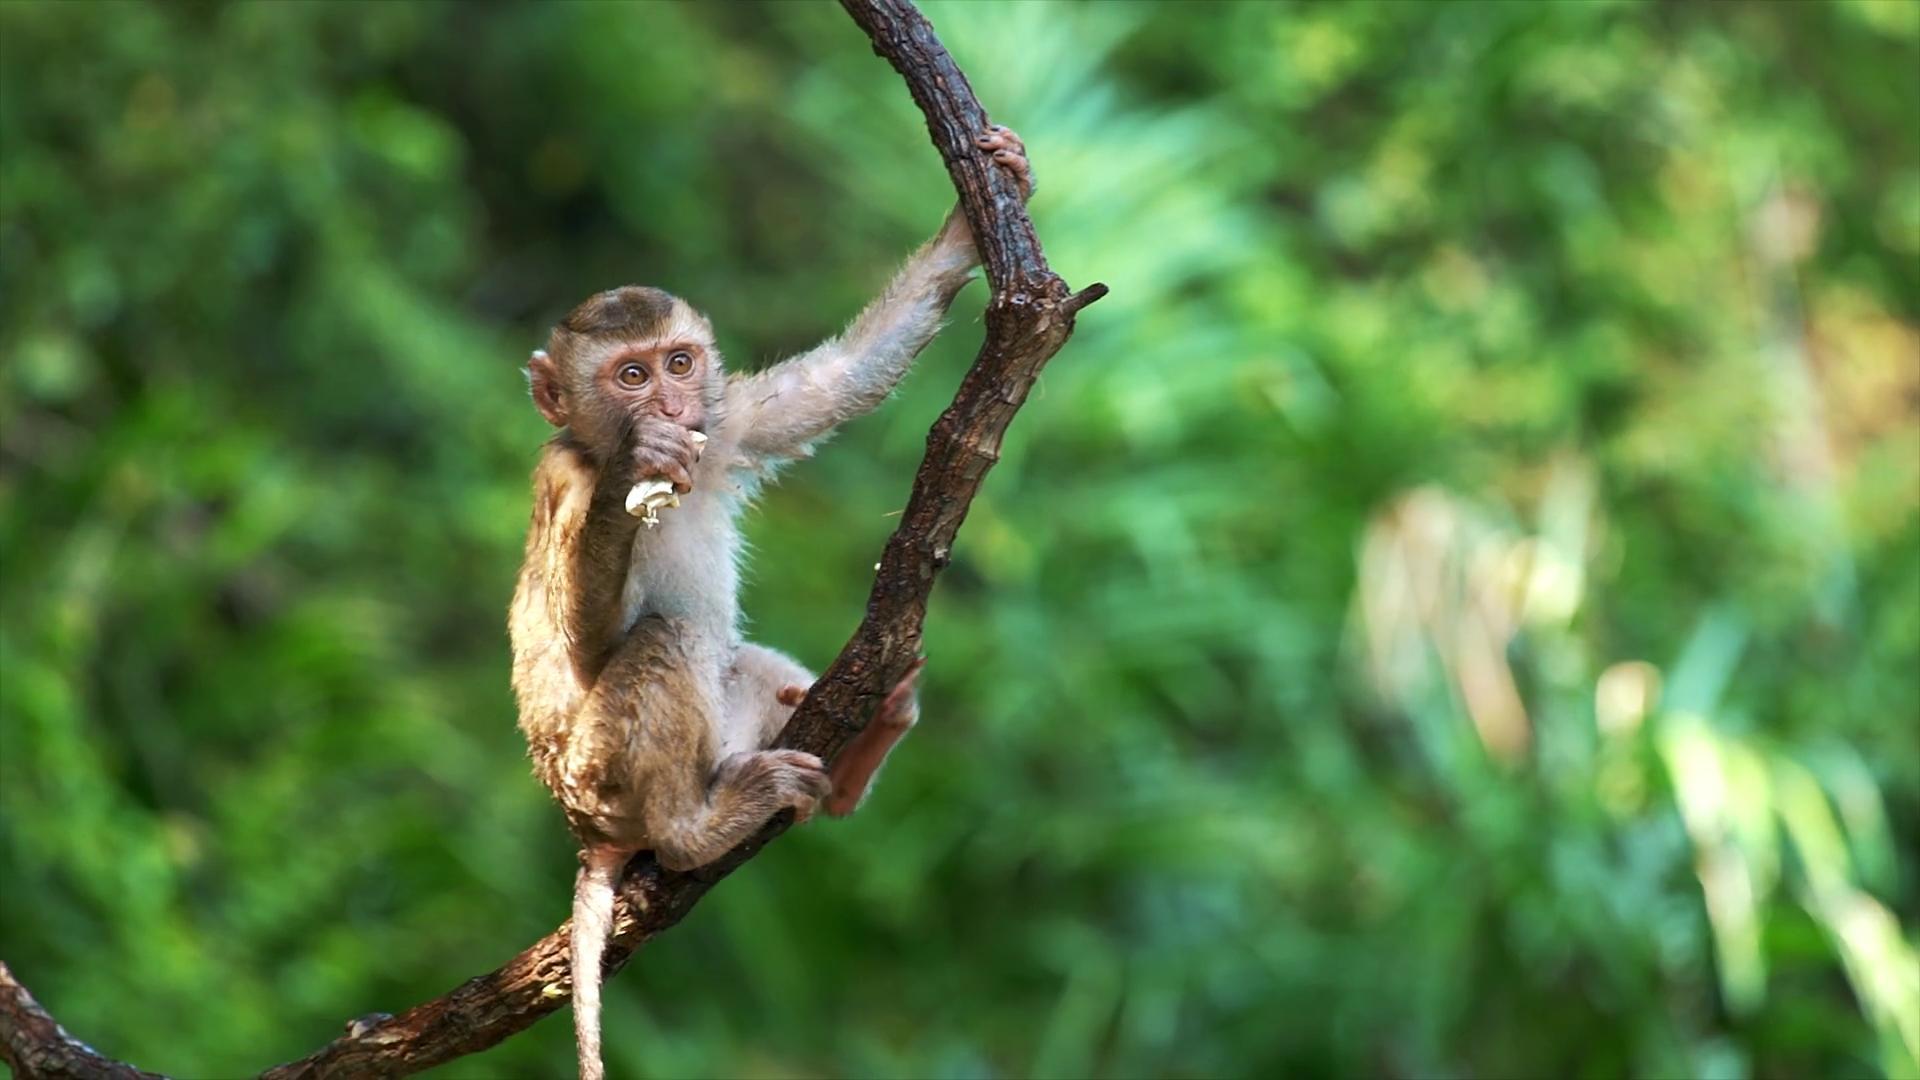 Китайские учёные поместили человеческие гены в обезьян, чтобы сделать их умнее